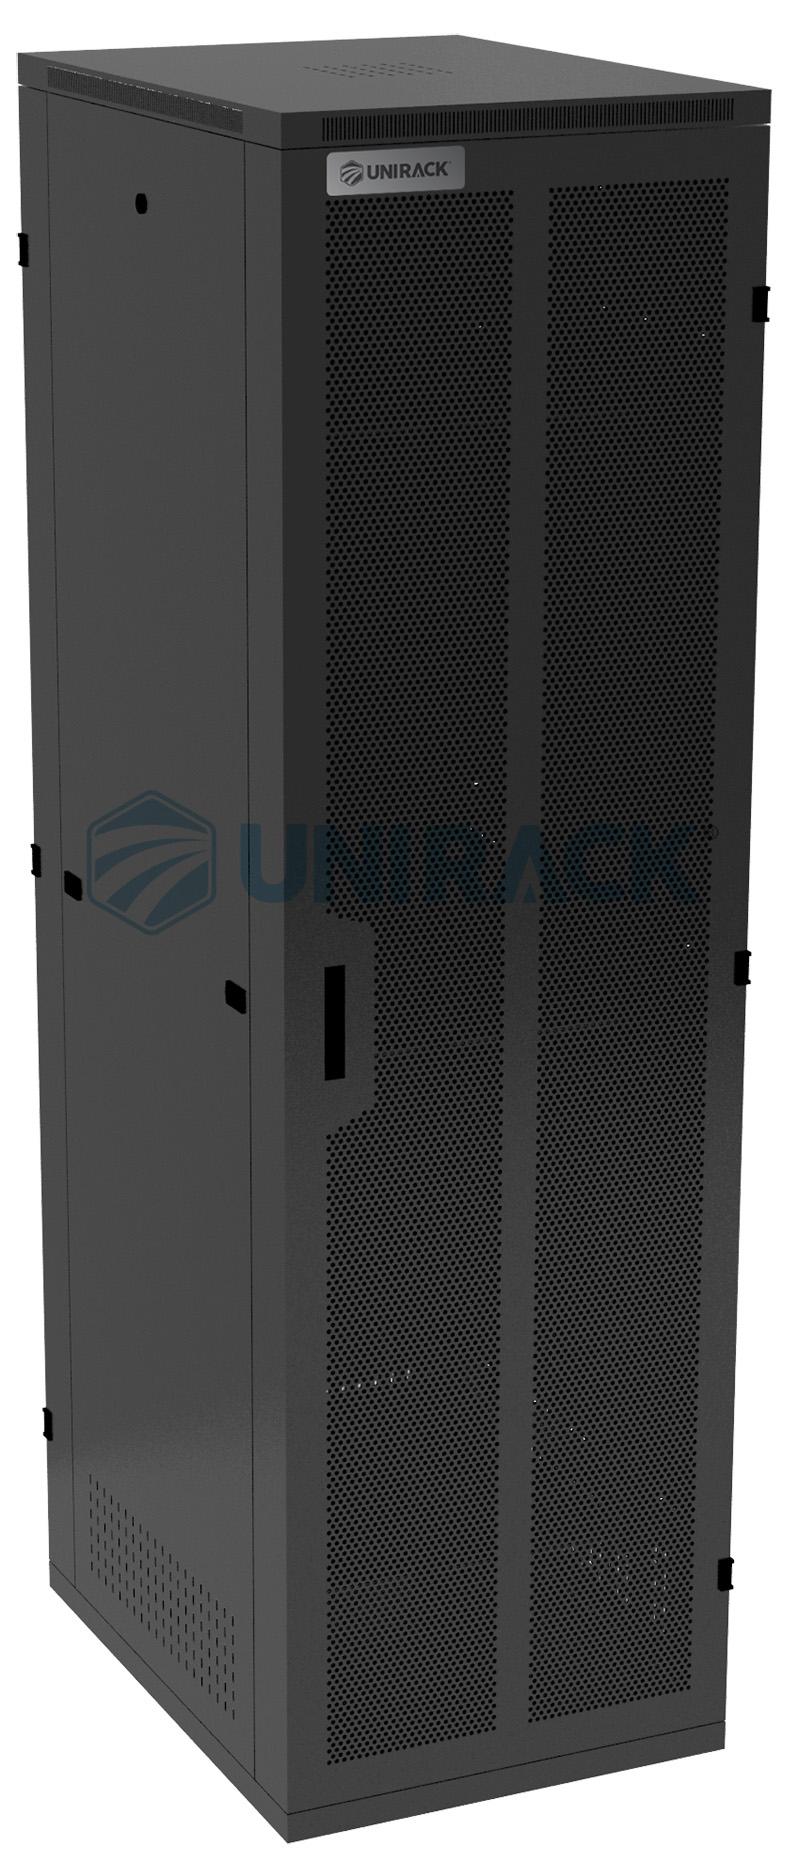 Tủ Rack 42U D800 - Tủ Rack UNR-42U800